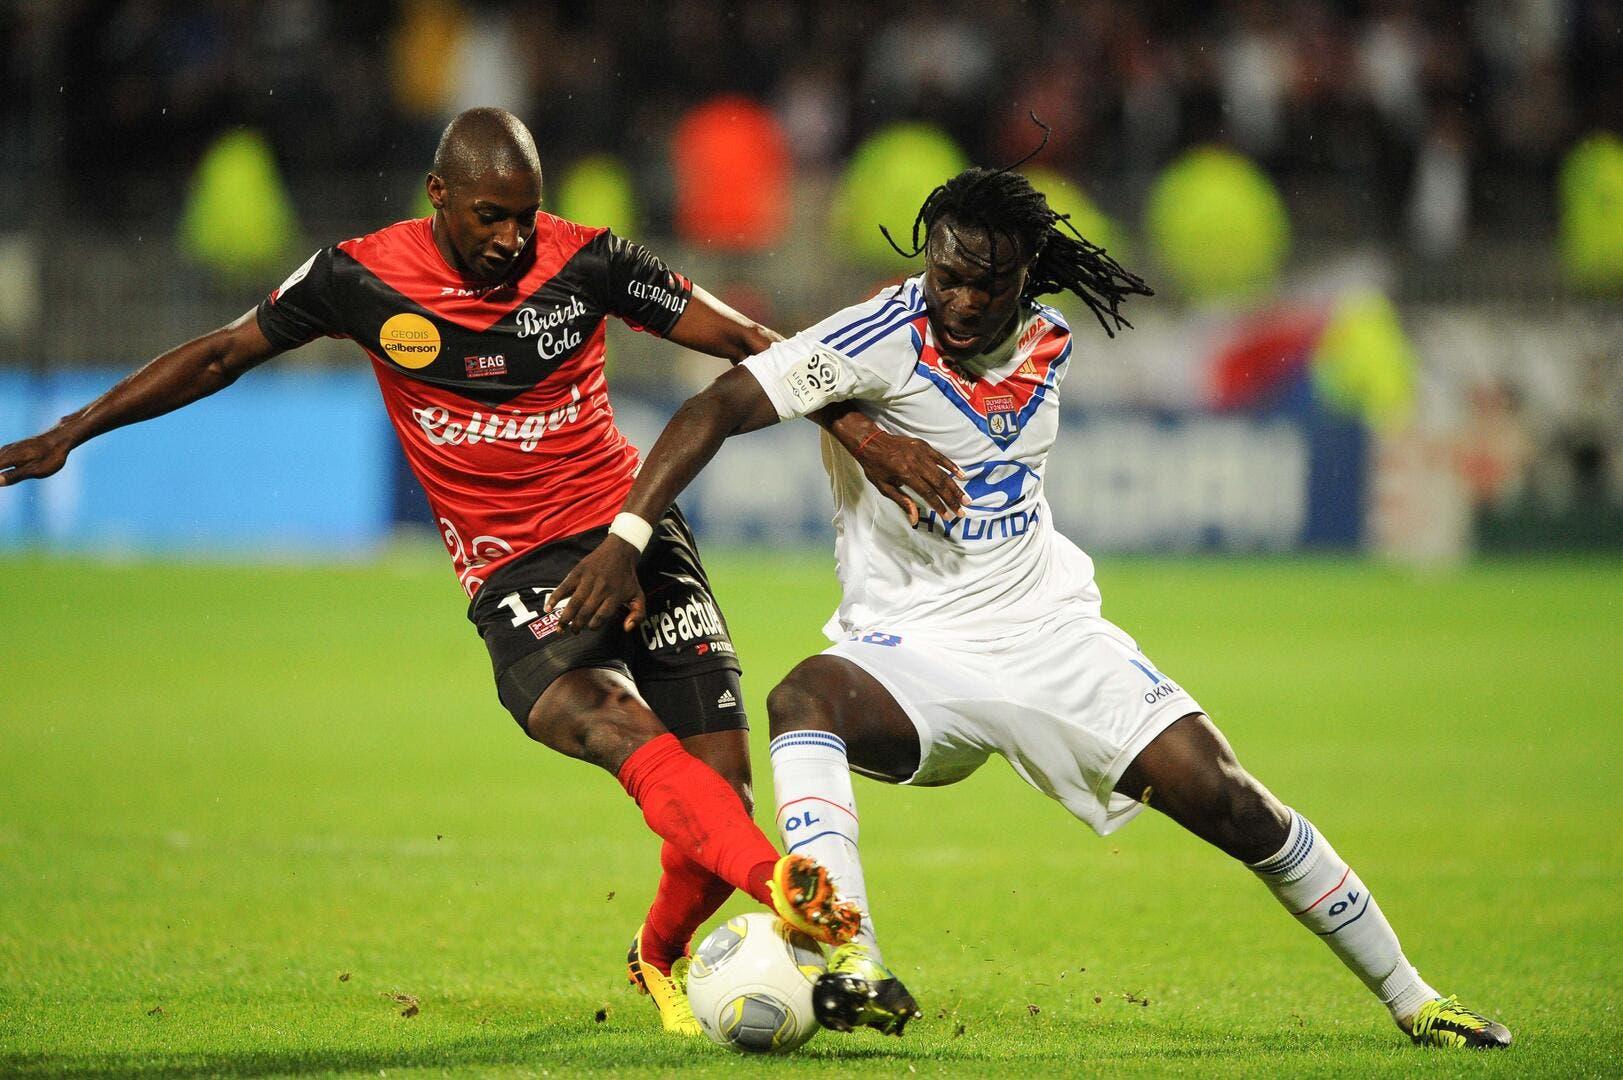 Foot OL - Guingamp rêve d'un Lyon à son tableau de chasse - Olympique Lyonnais - Foot 01